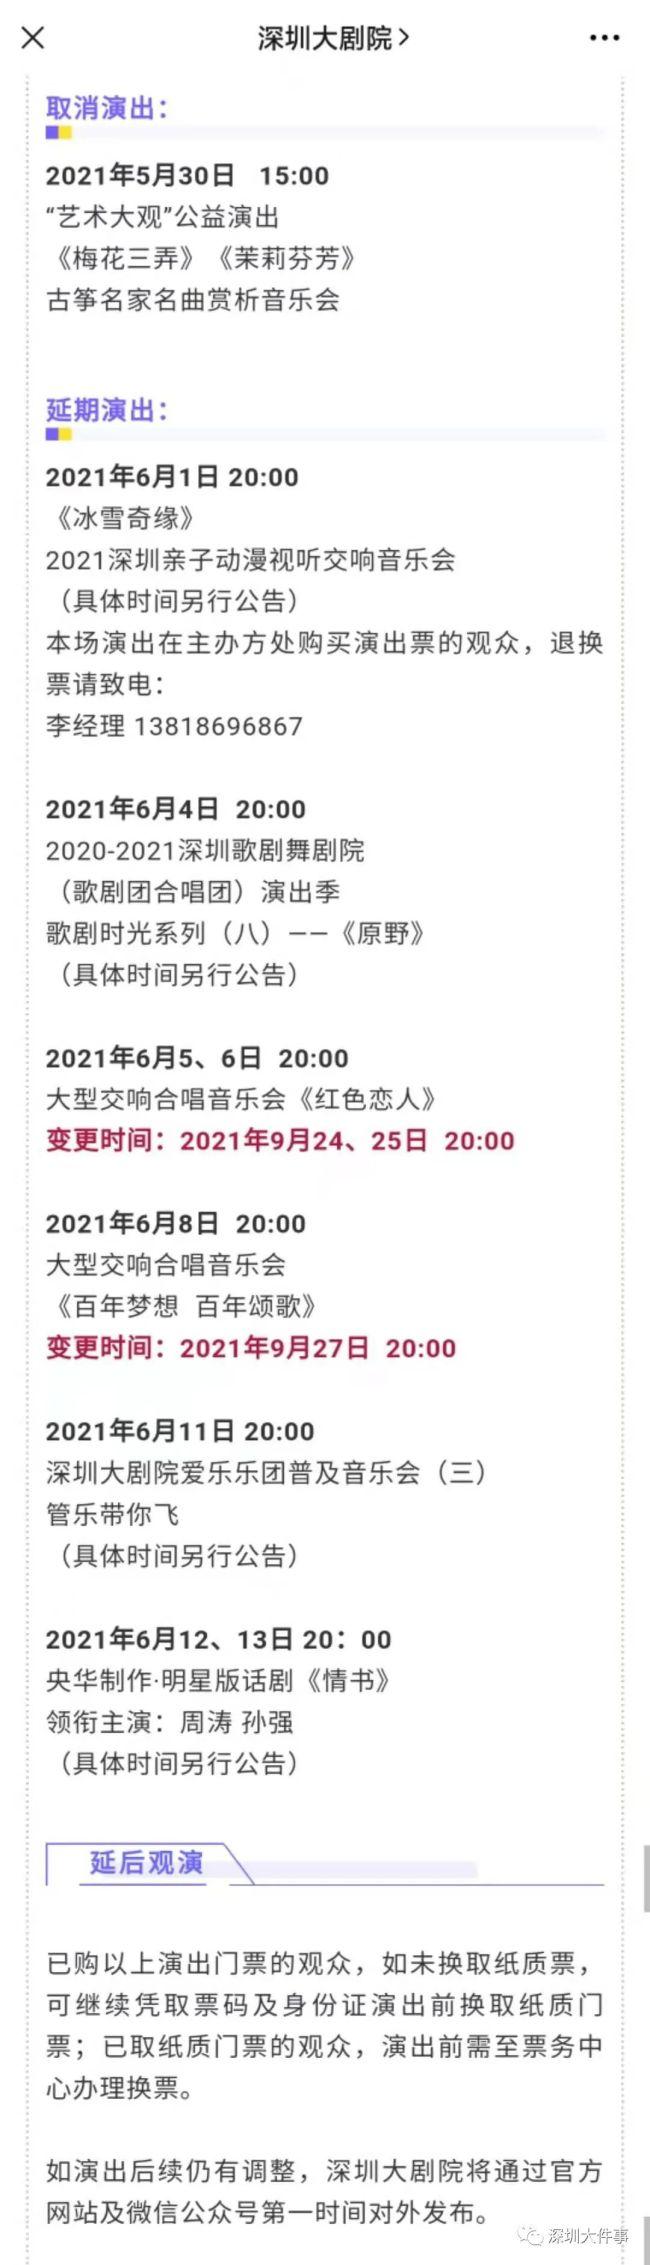 2021年6月深圳大剧院演出活动取消门票怎么退?